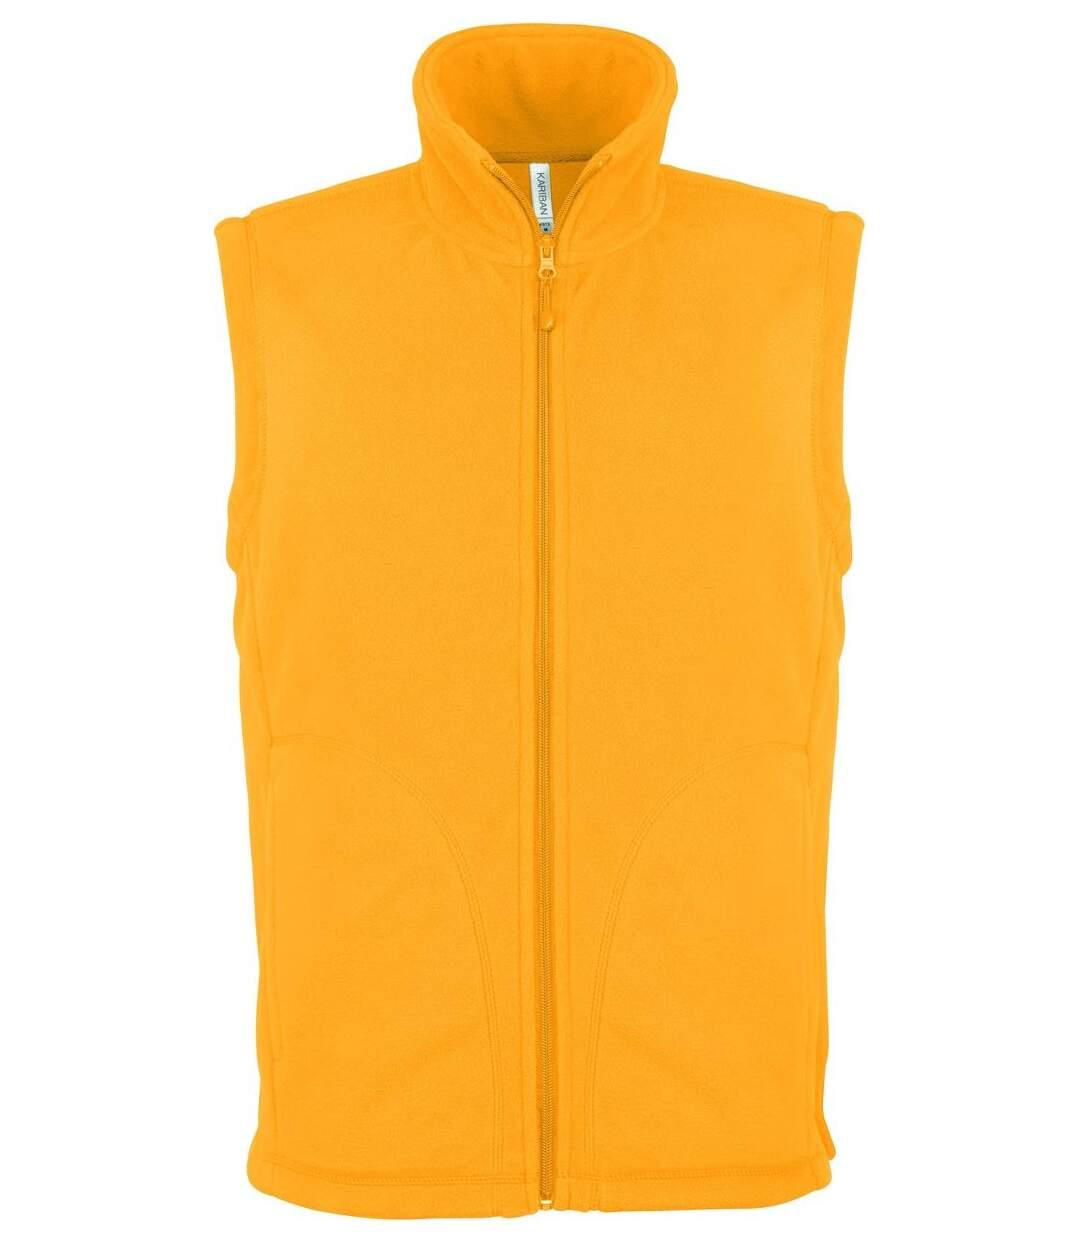 Gilet sans manches micro polaire homme - K913 - jaune